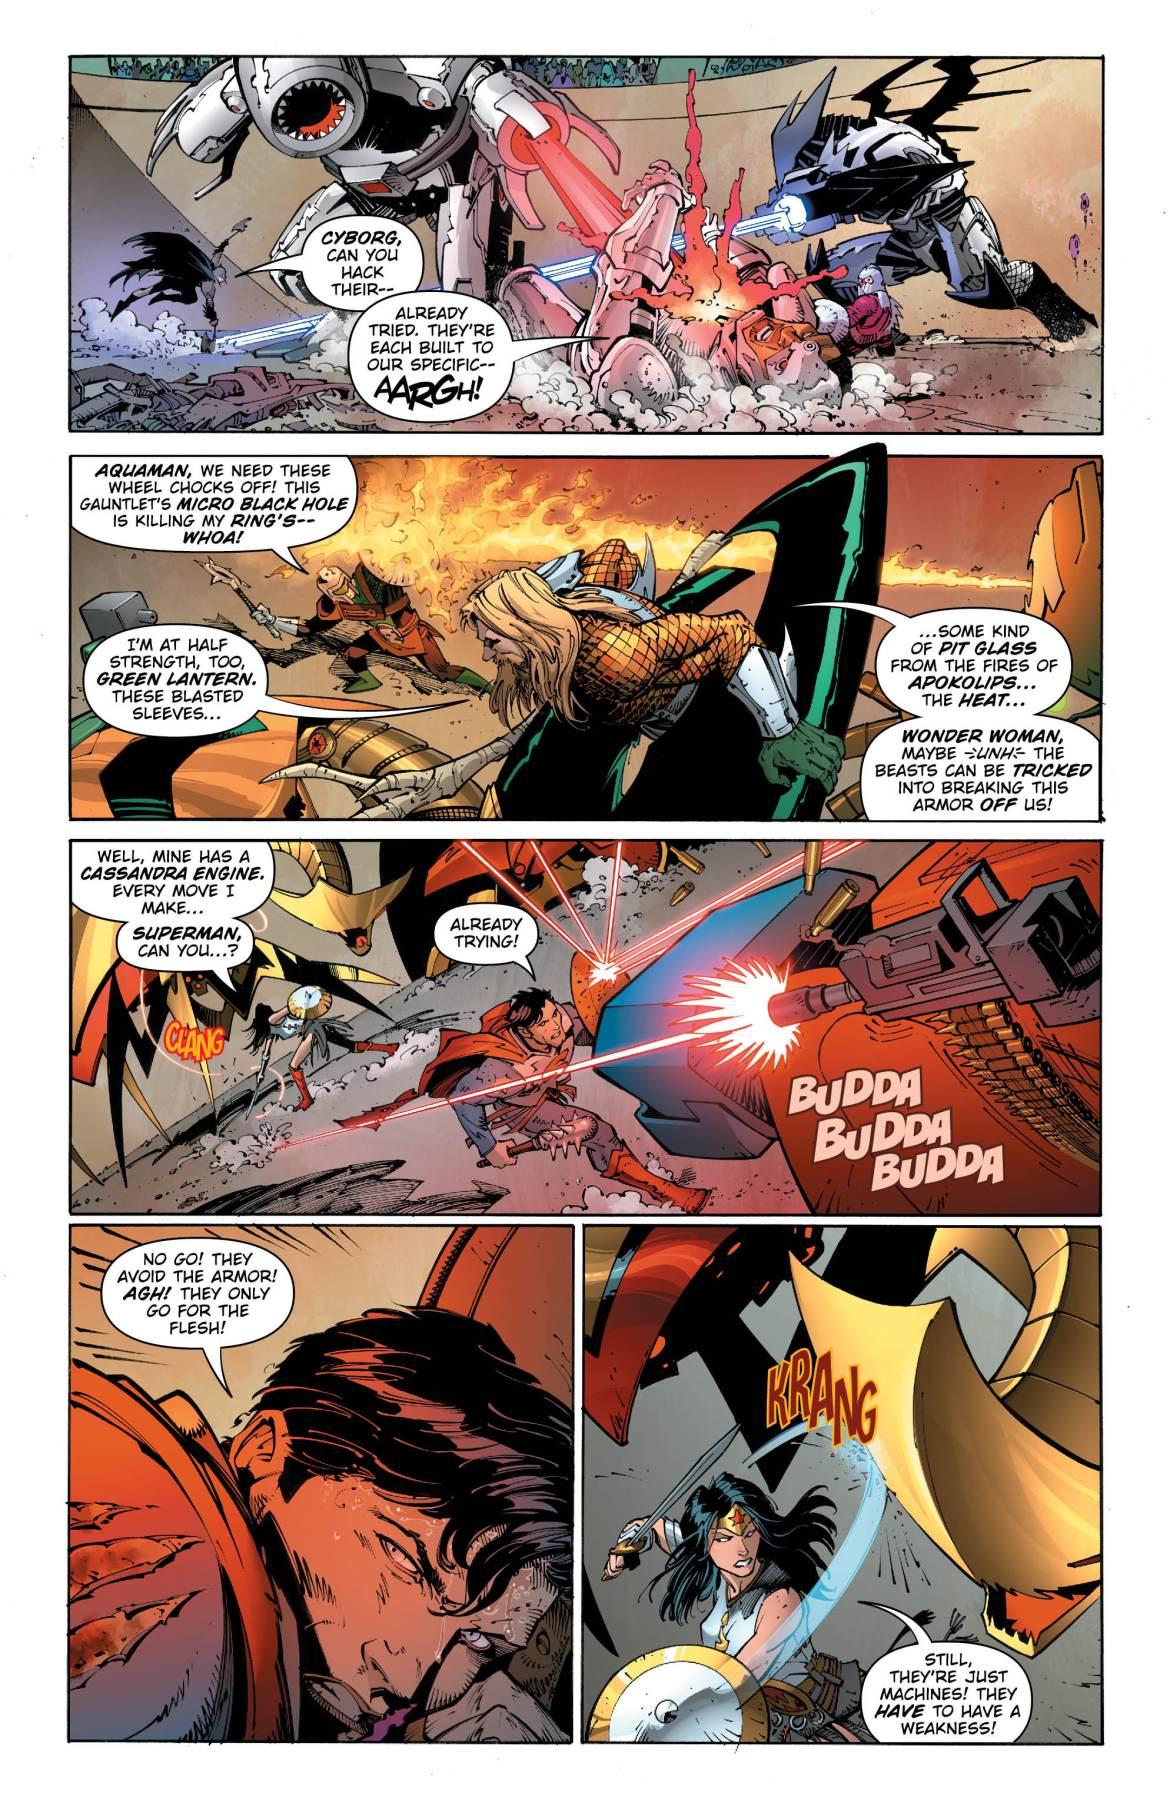 Metal Page 5 - DC Comics News